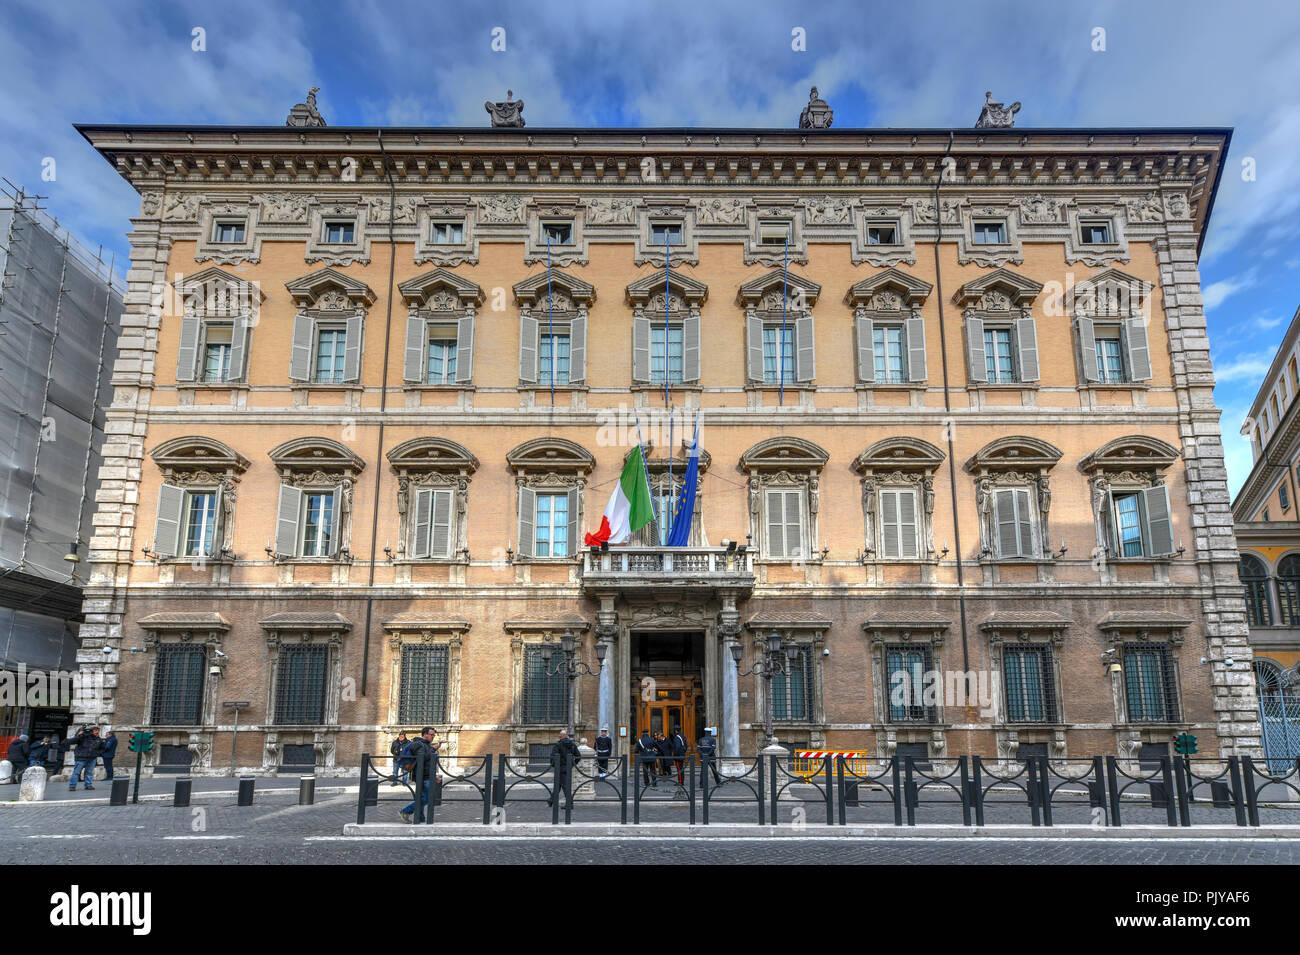 roma italia 23 mar 2018 bella fascade di palazzo